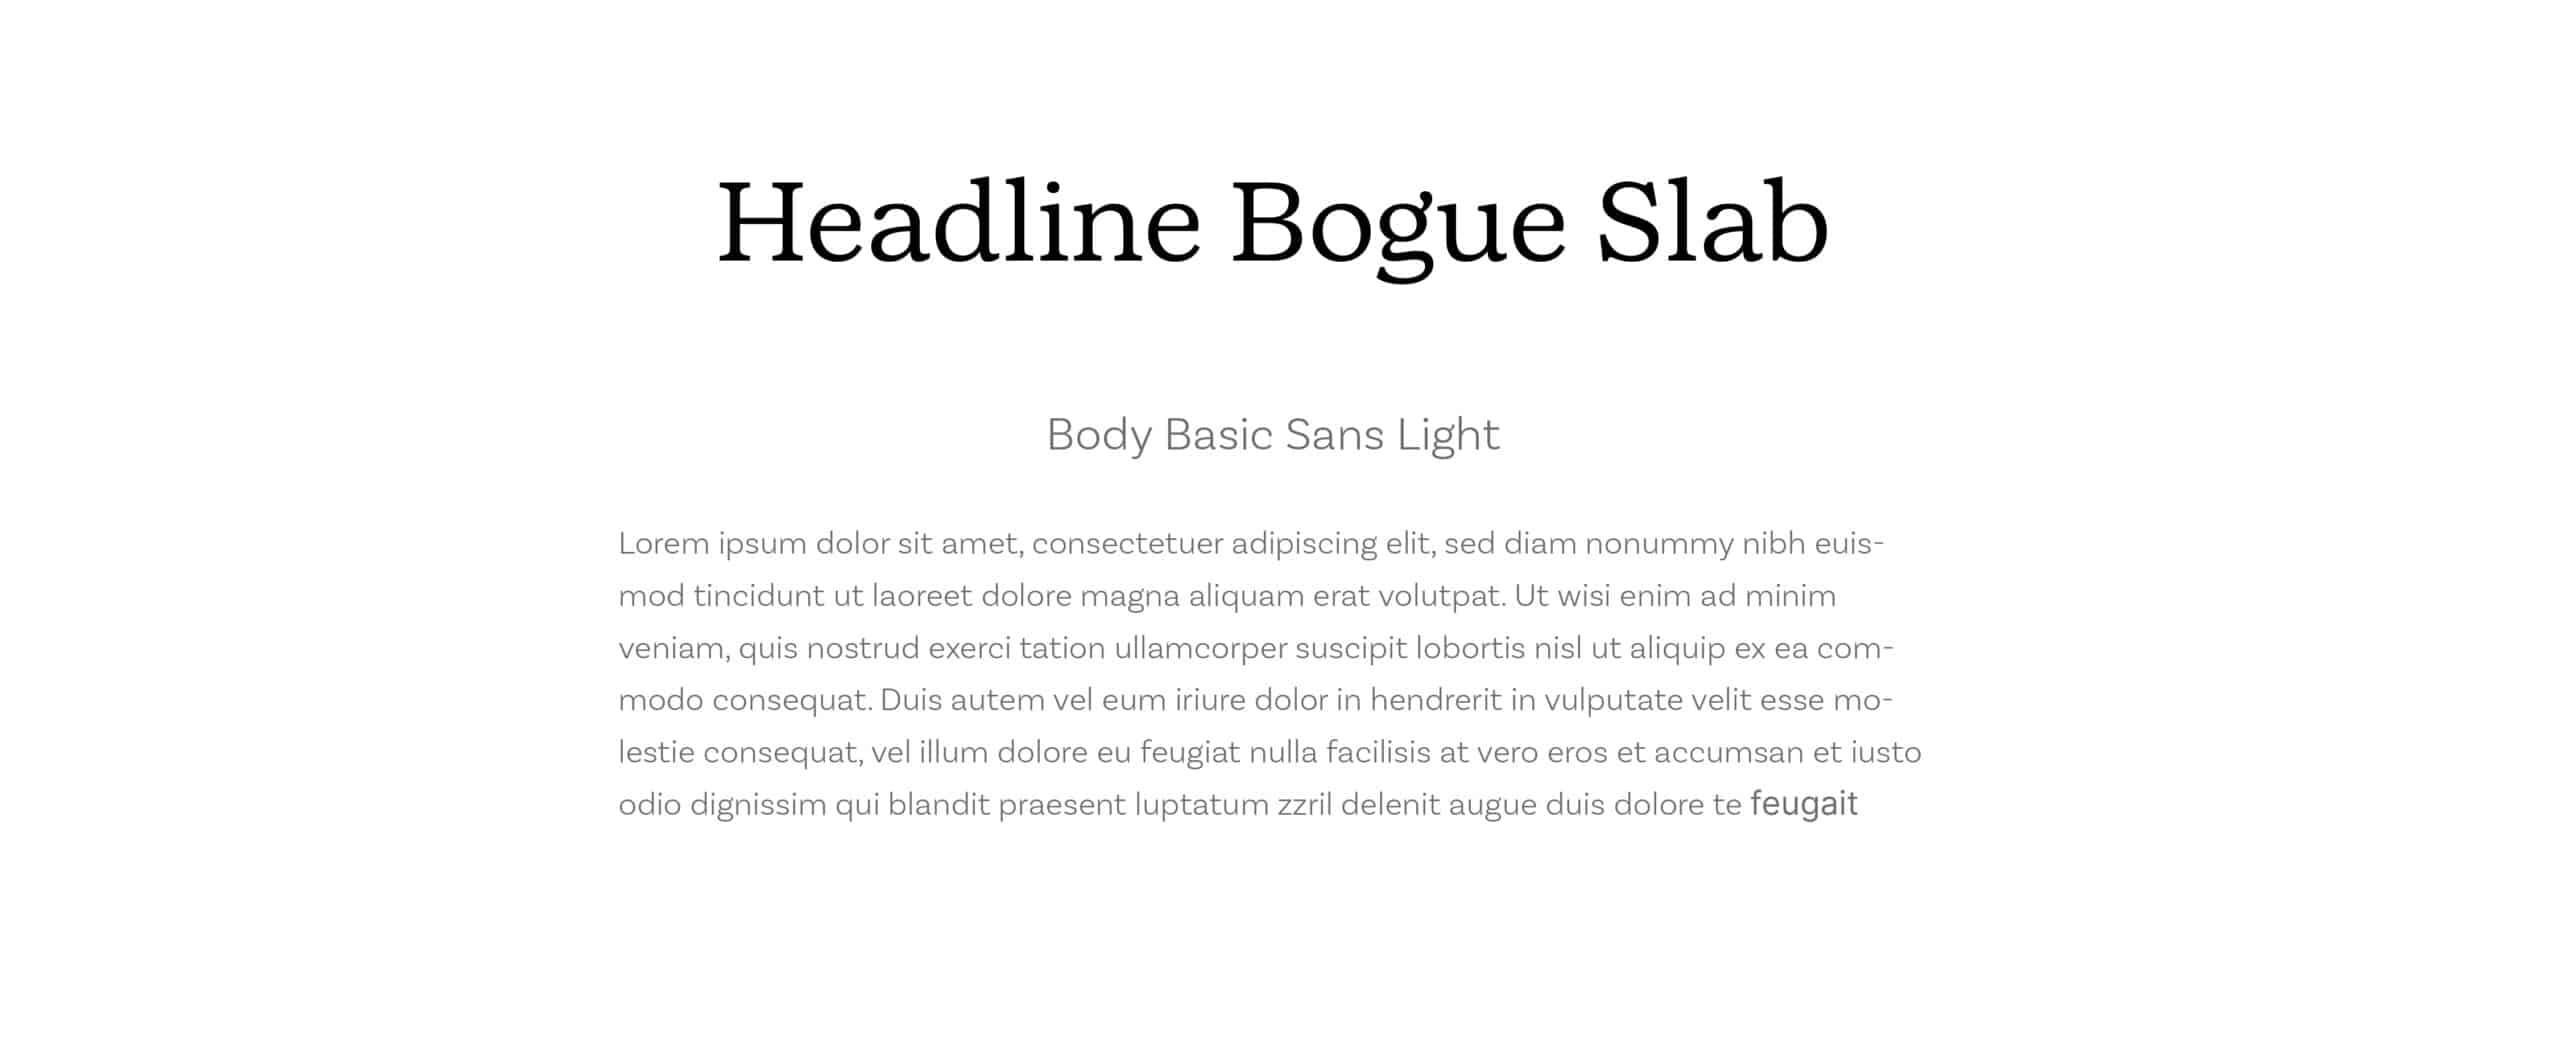 Human_Branding_By_Stellen_Design_Fonts